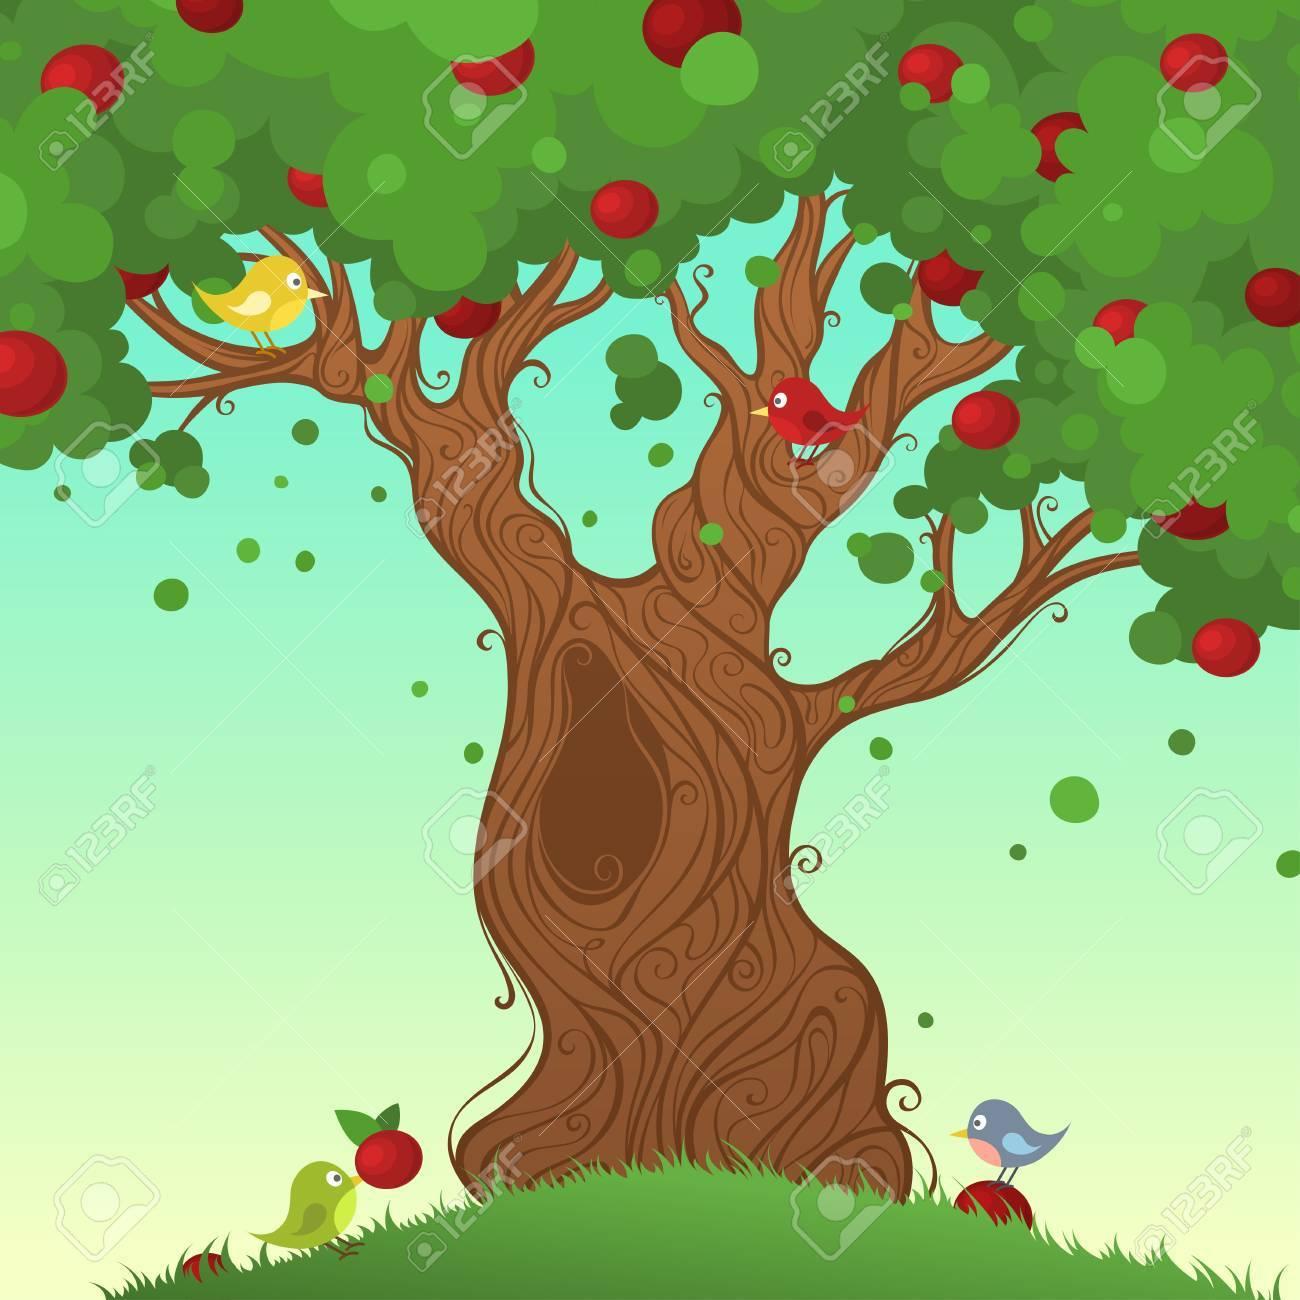 Immagini albero in estate